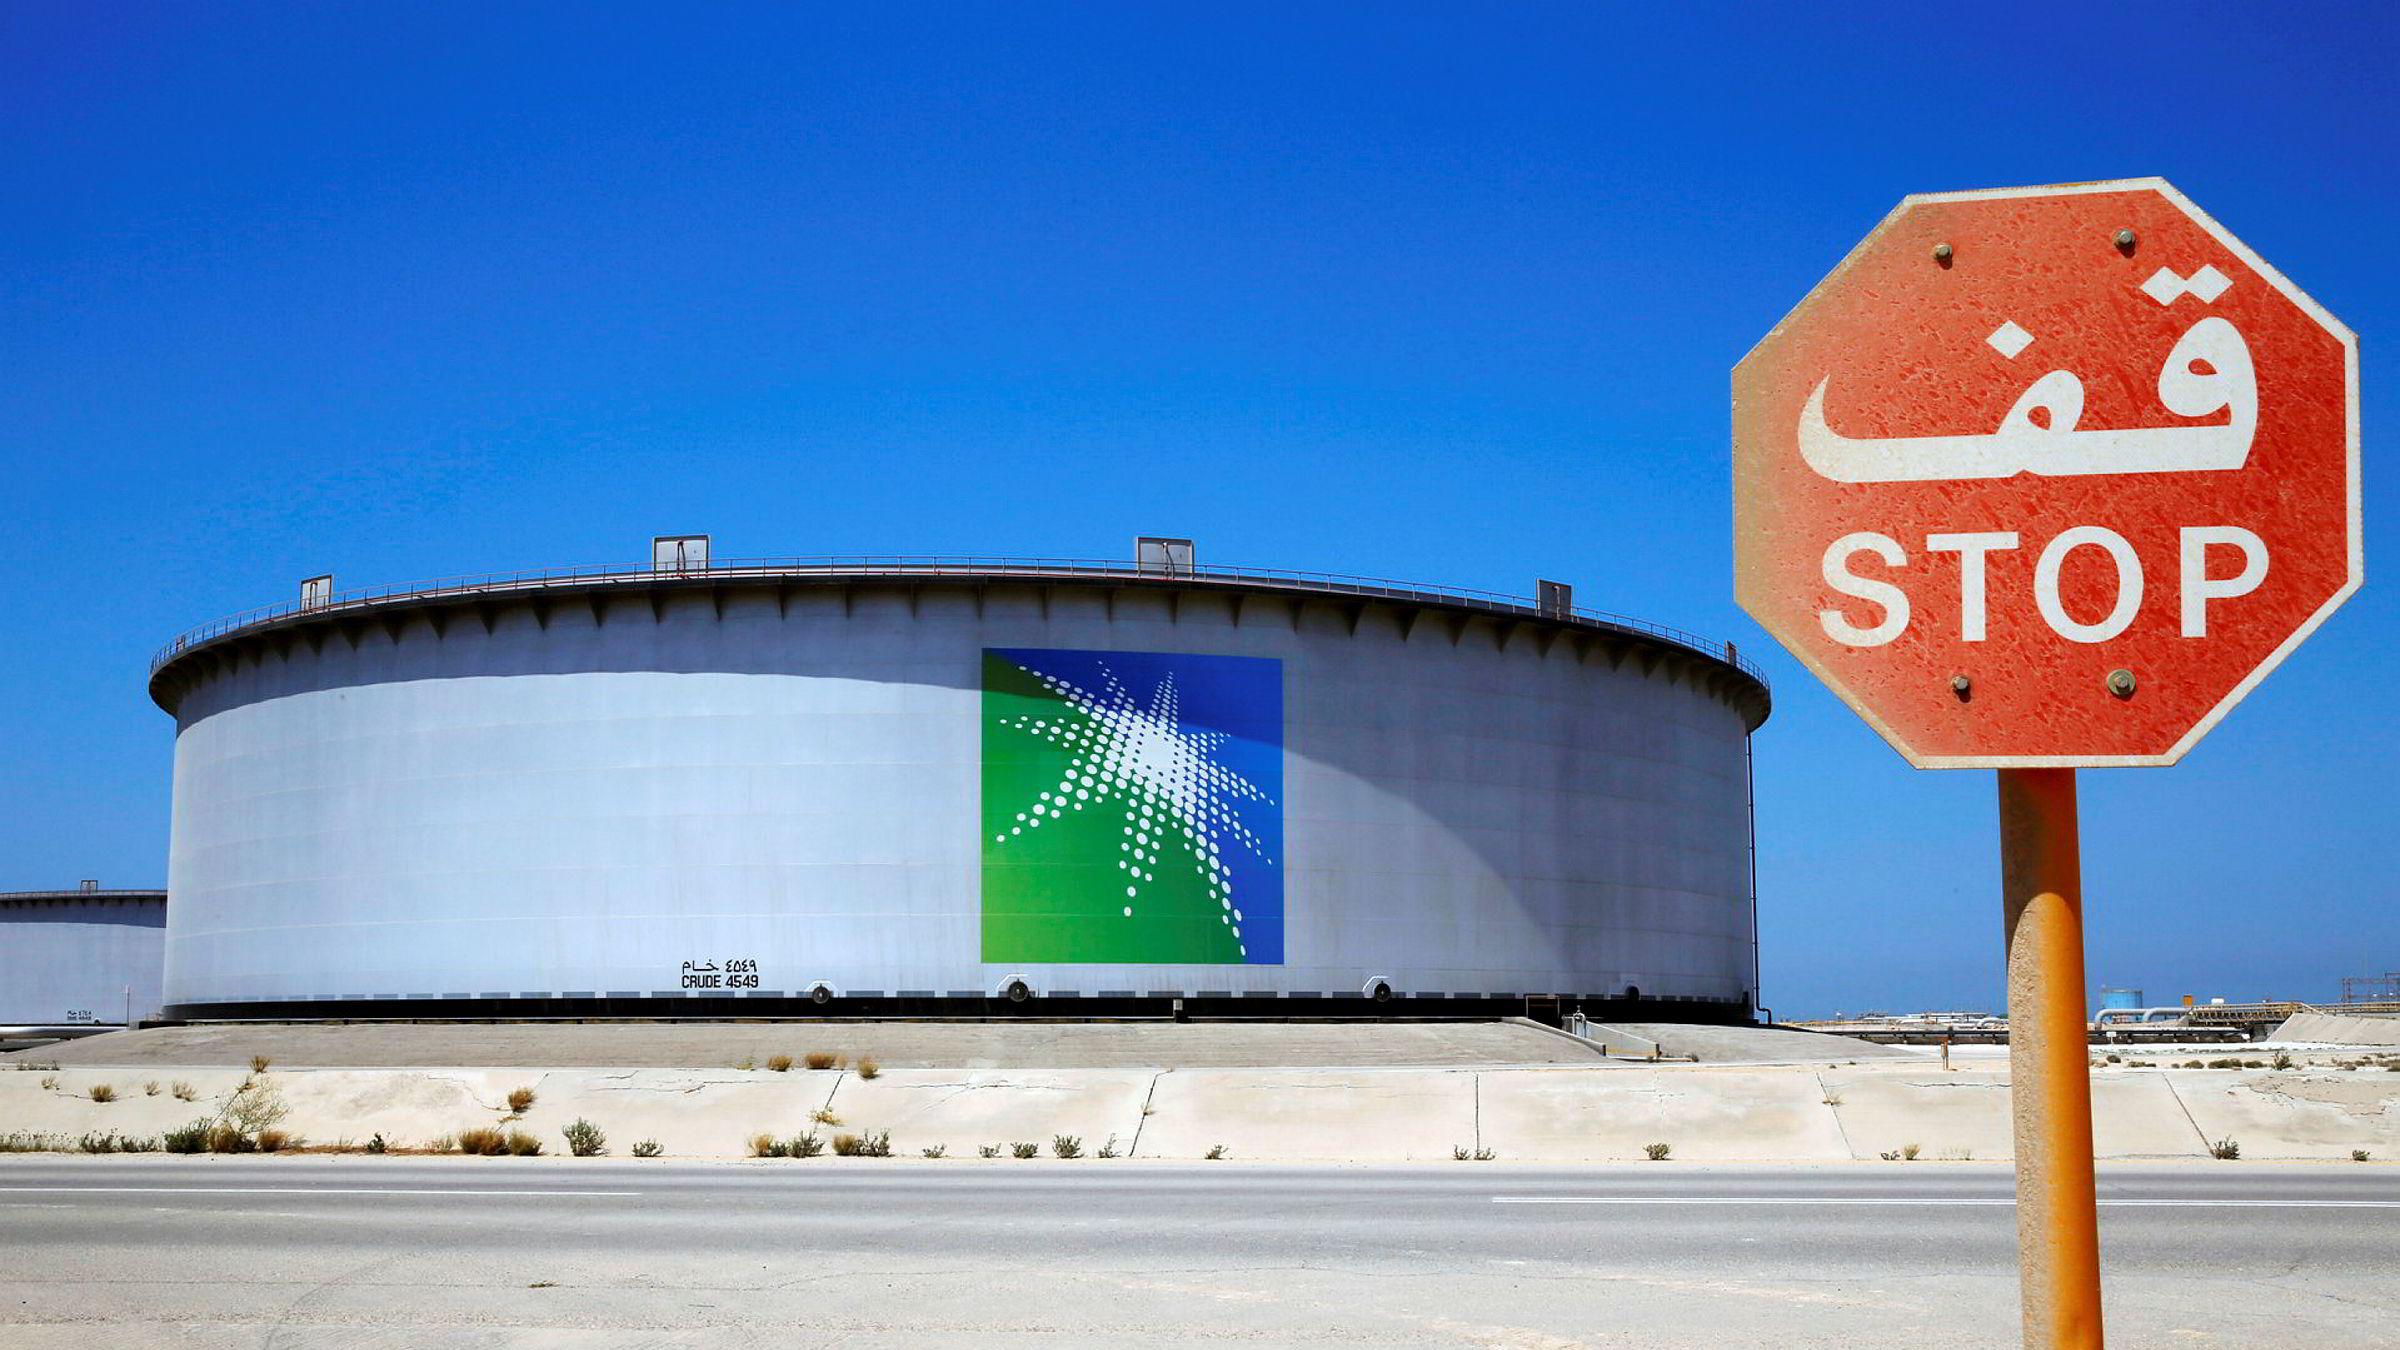 Når oljeprisen faller på grunn av økt tilbud bruker det å være godt nytt for verdensøkonomien. Slik er det ikke nå.